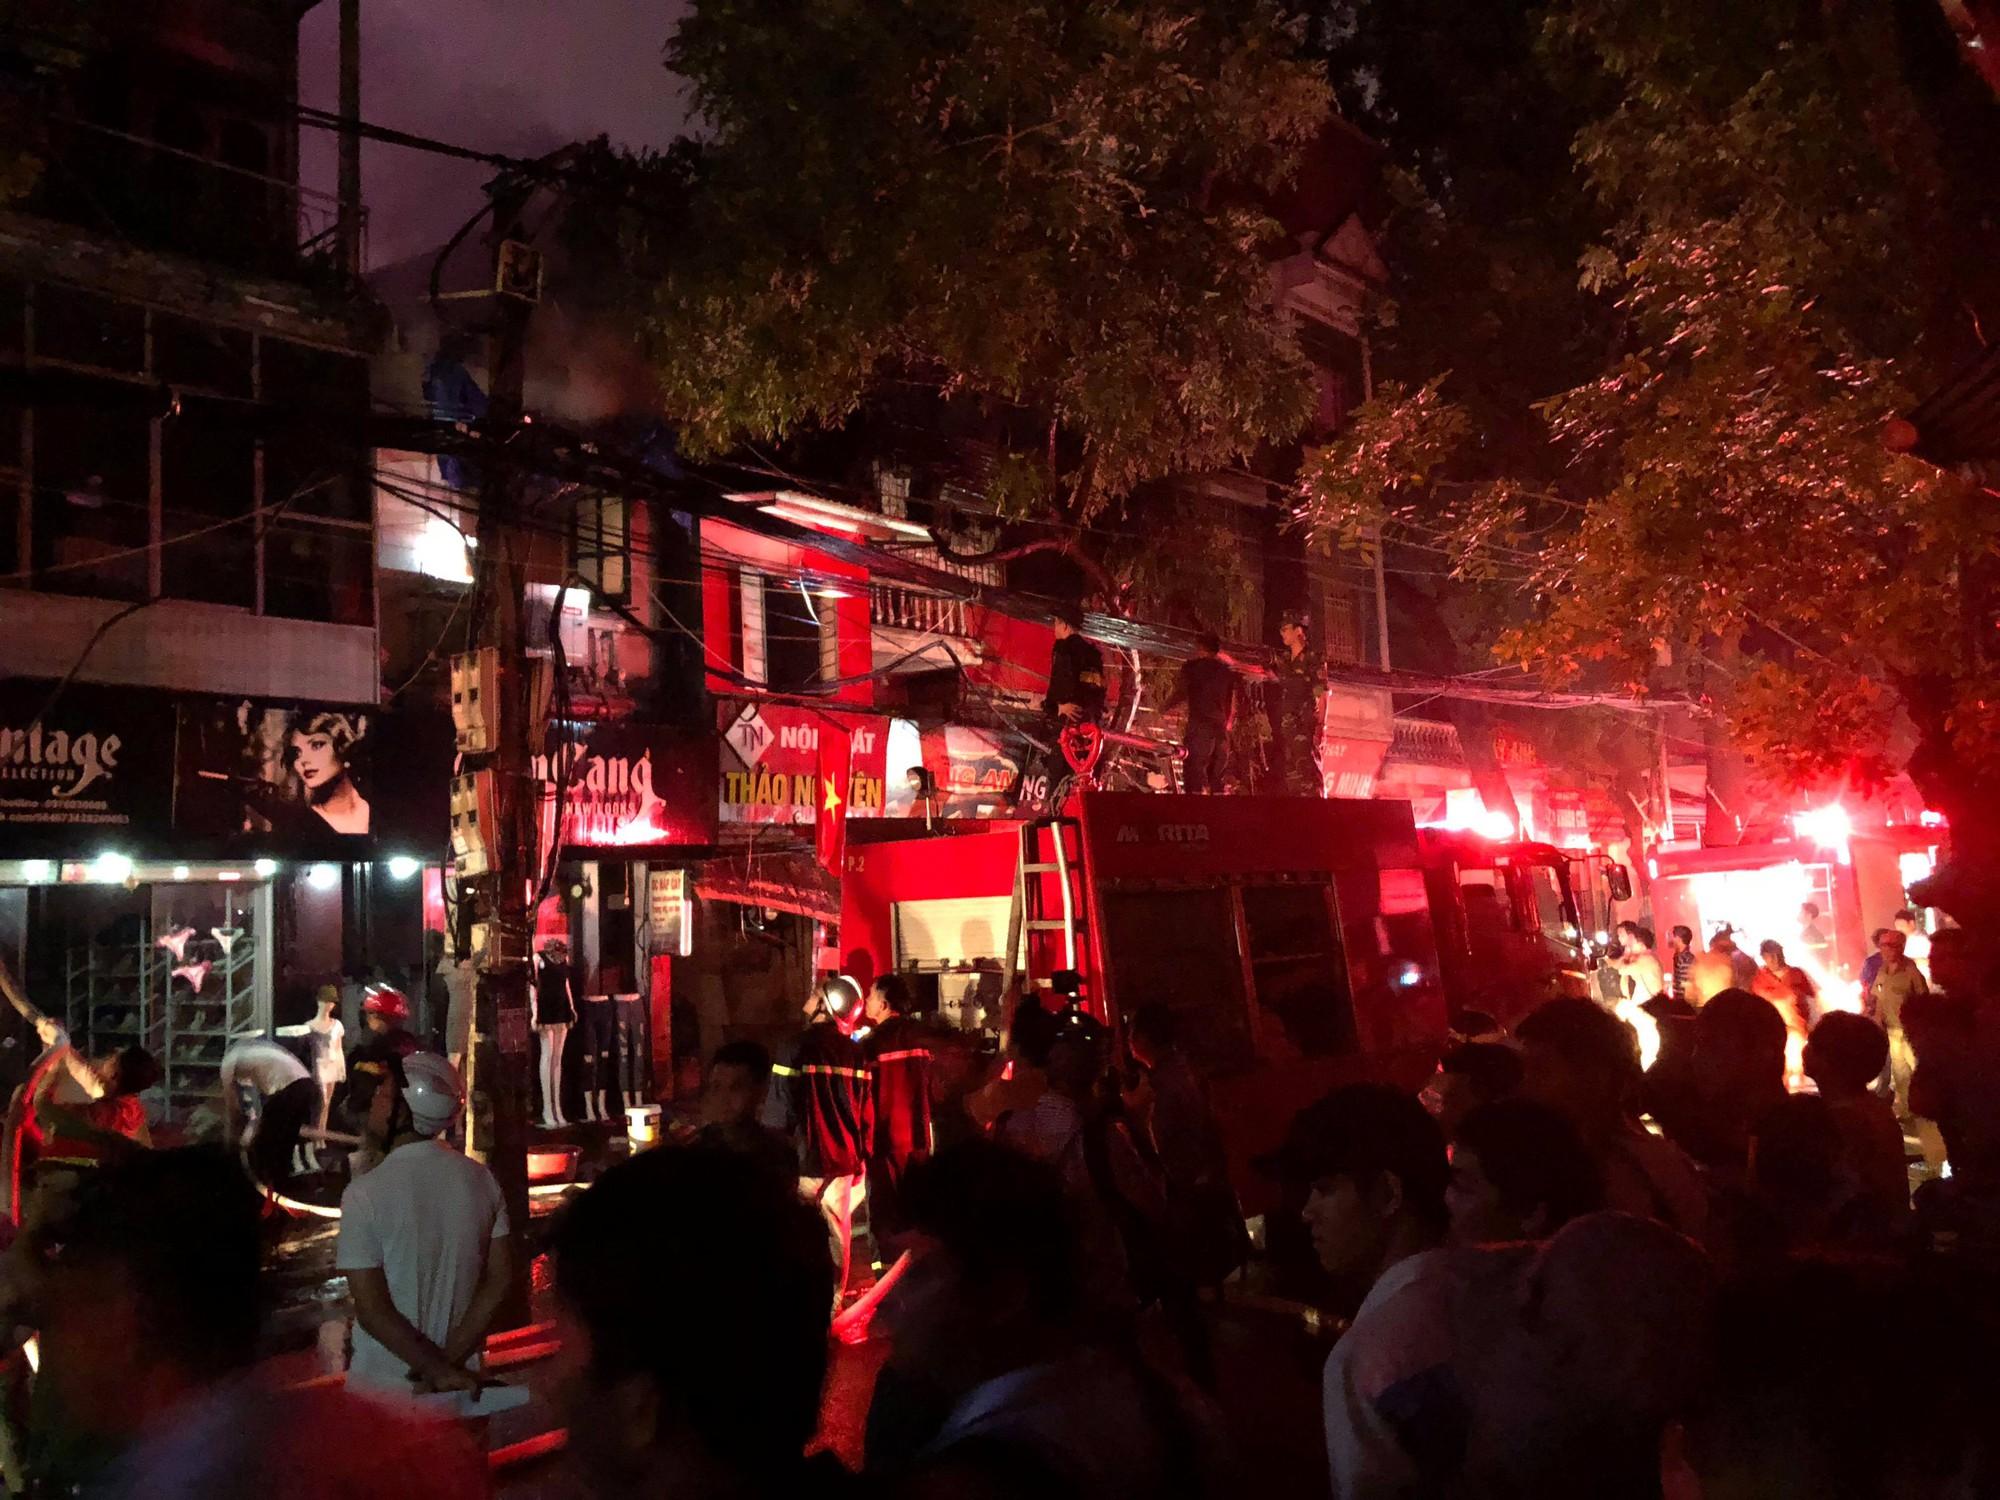 Nóng: Cháy lan kinh hoàng cả dãy trọ gần viện Nhi ở Hà Nội, nhiều người ôm mặt khóc nức nở - Ảnh 10.